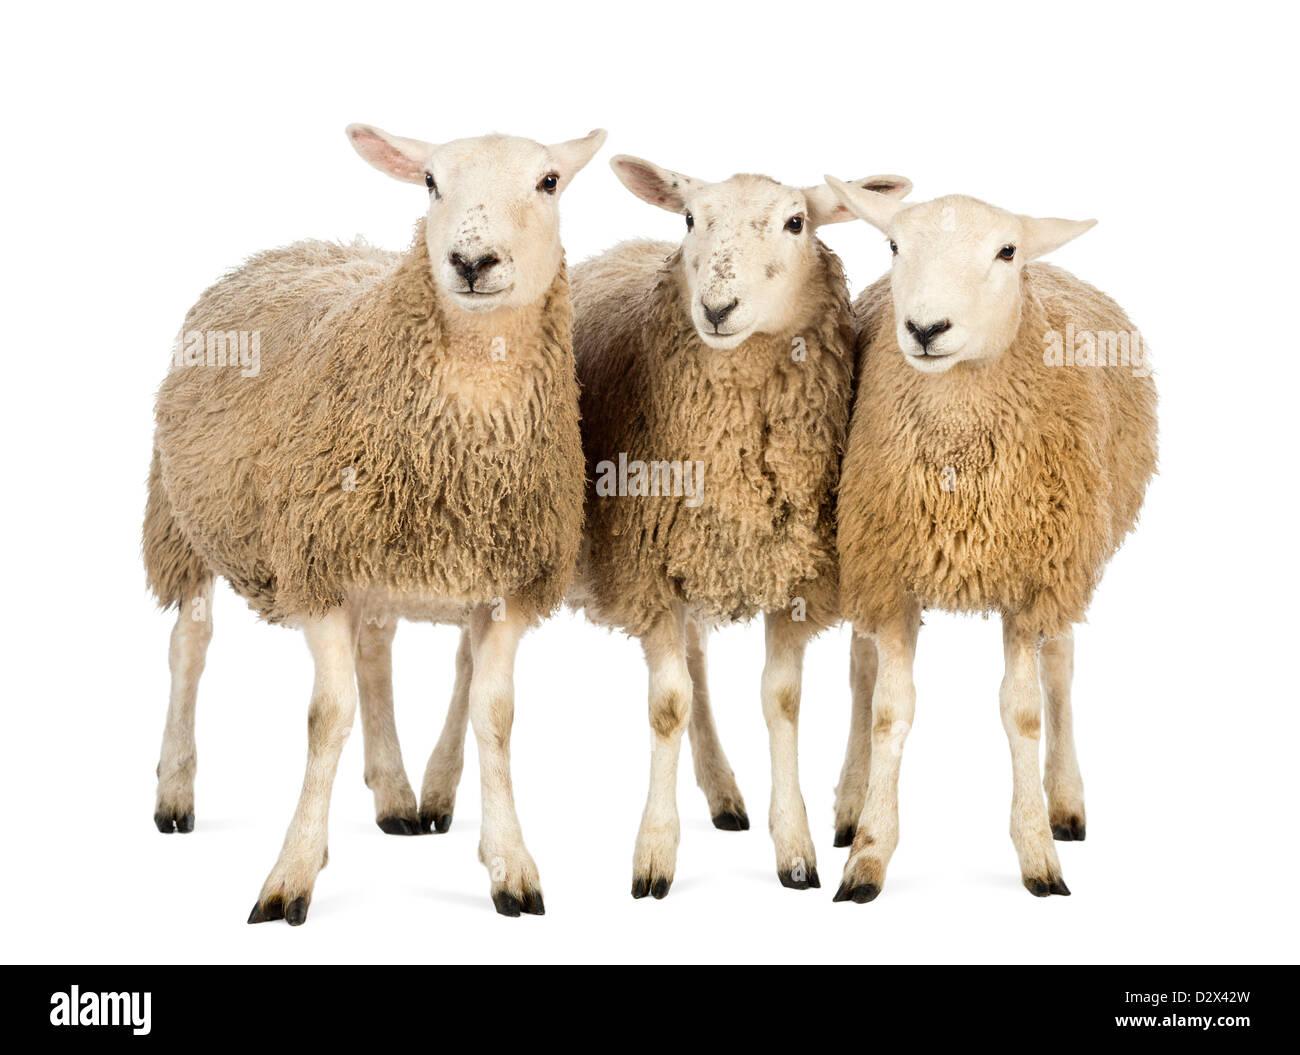 Tre pecore in piedi di fronte a uno sfondo bianco Immagini Stock